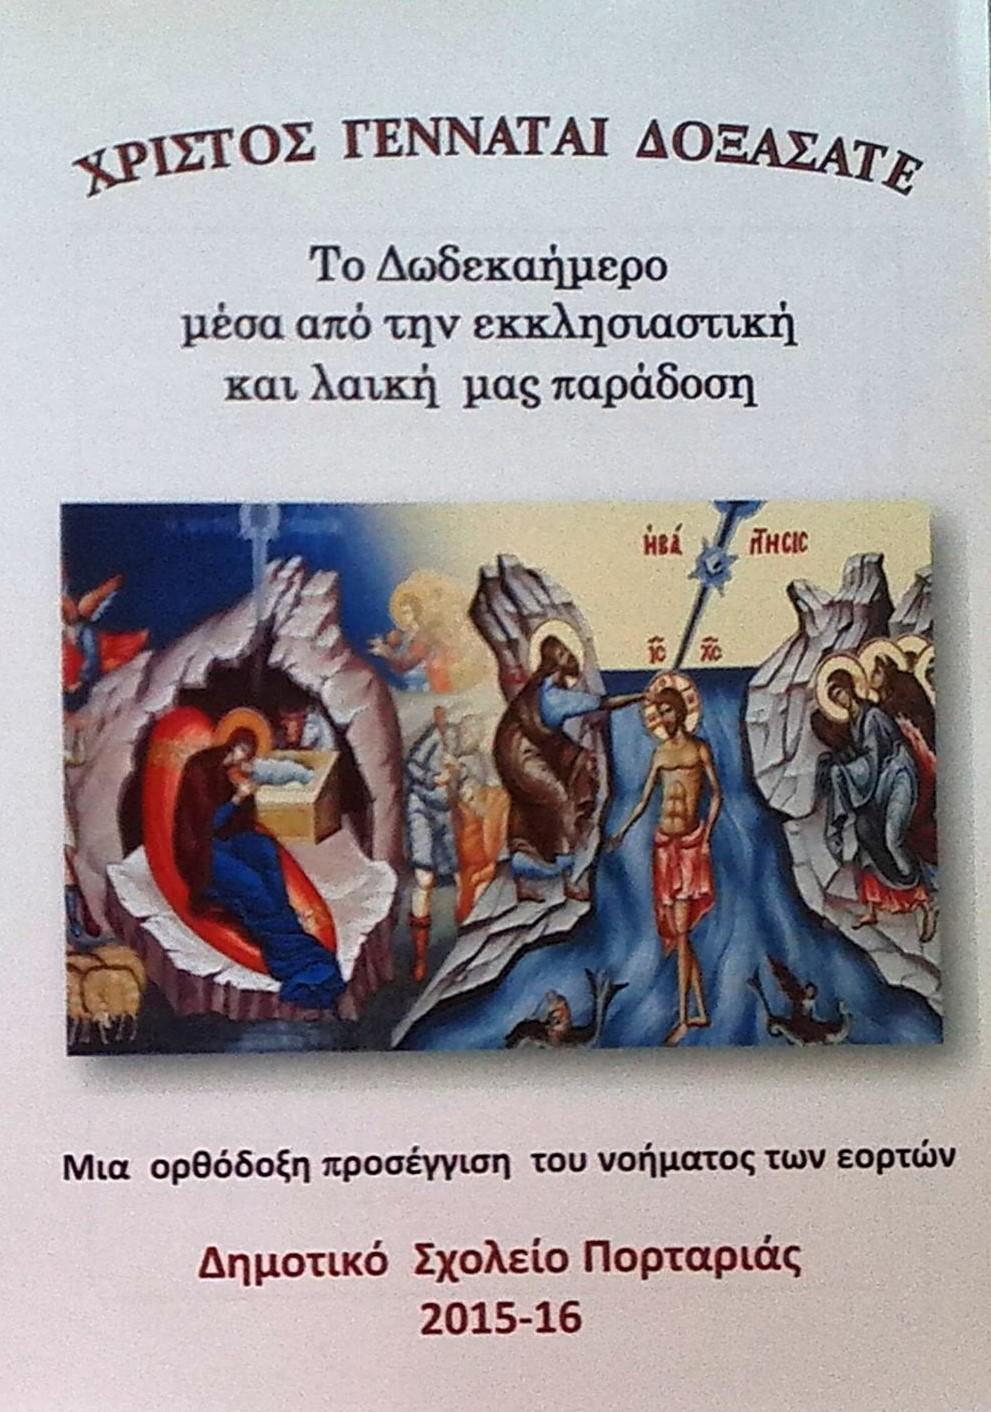 ΧΡΙΣΤΟΣ ΓΕΝΝΑΤΑΙ ΔΟΞΑΣΑΤΕ